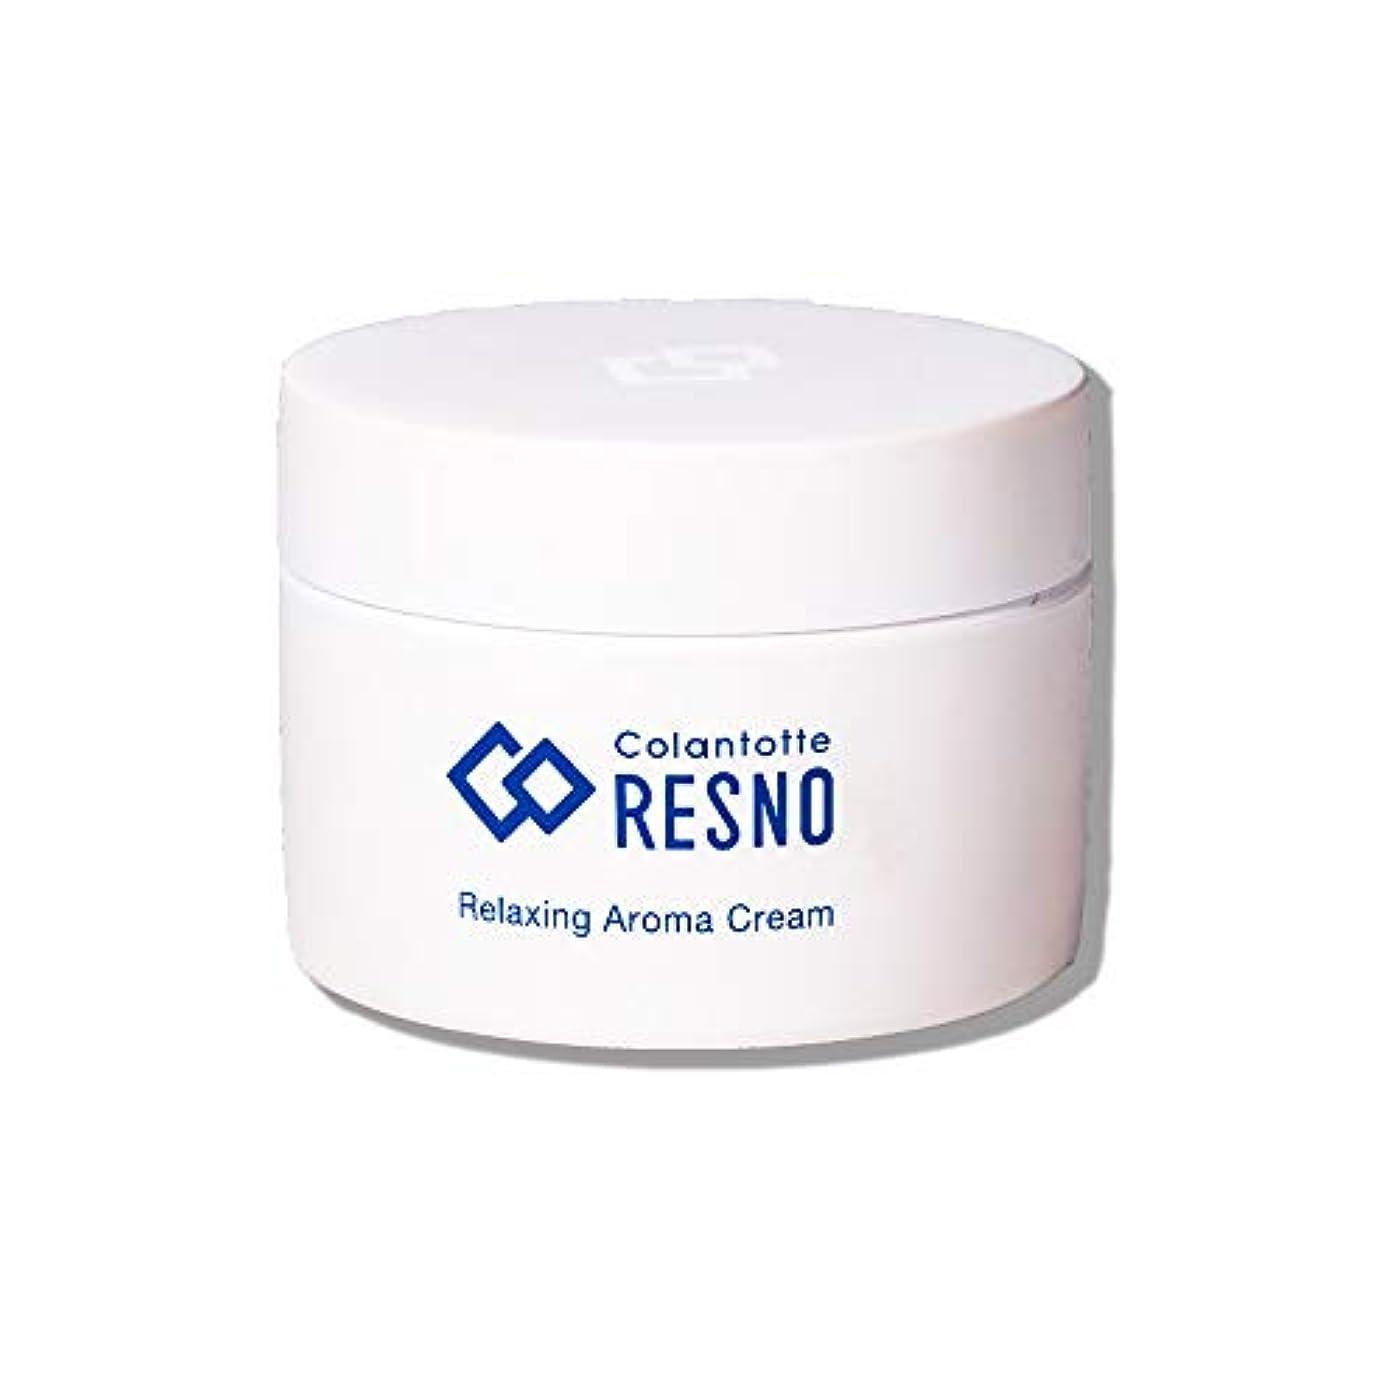 地雷原甘美な独立したコラントッテ RESNO リラクシング アロマ クリーム 50g colantotte RELAXING AROMA CREAM ボディクリーム